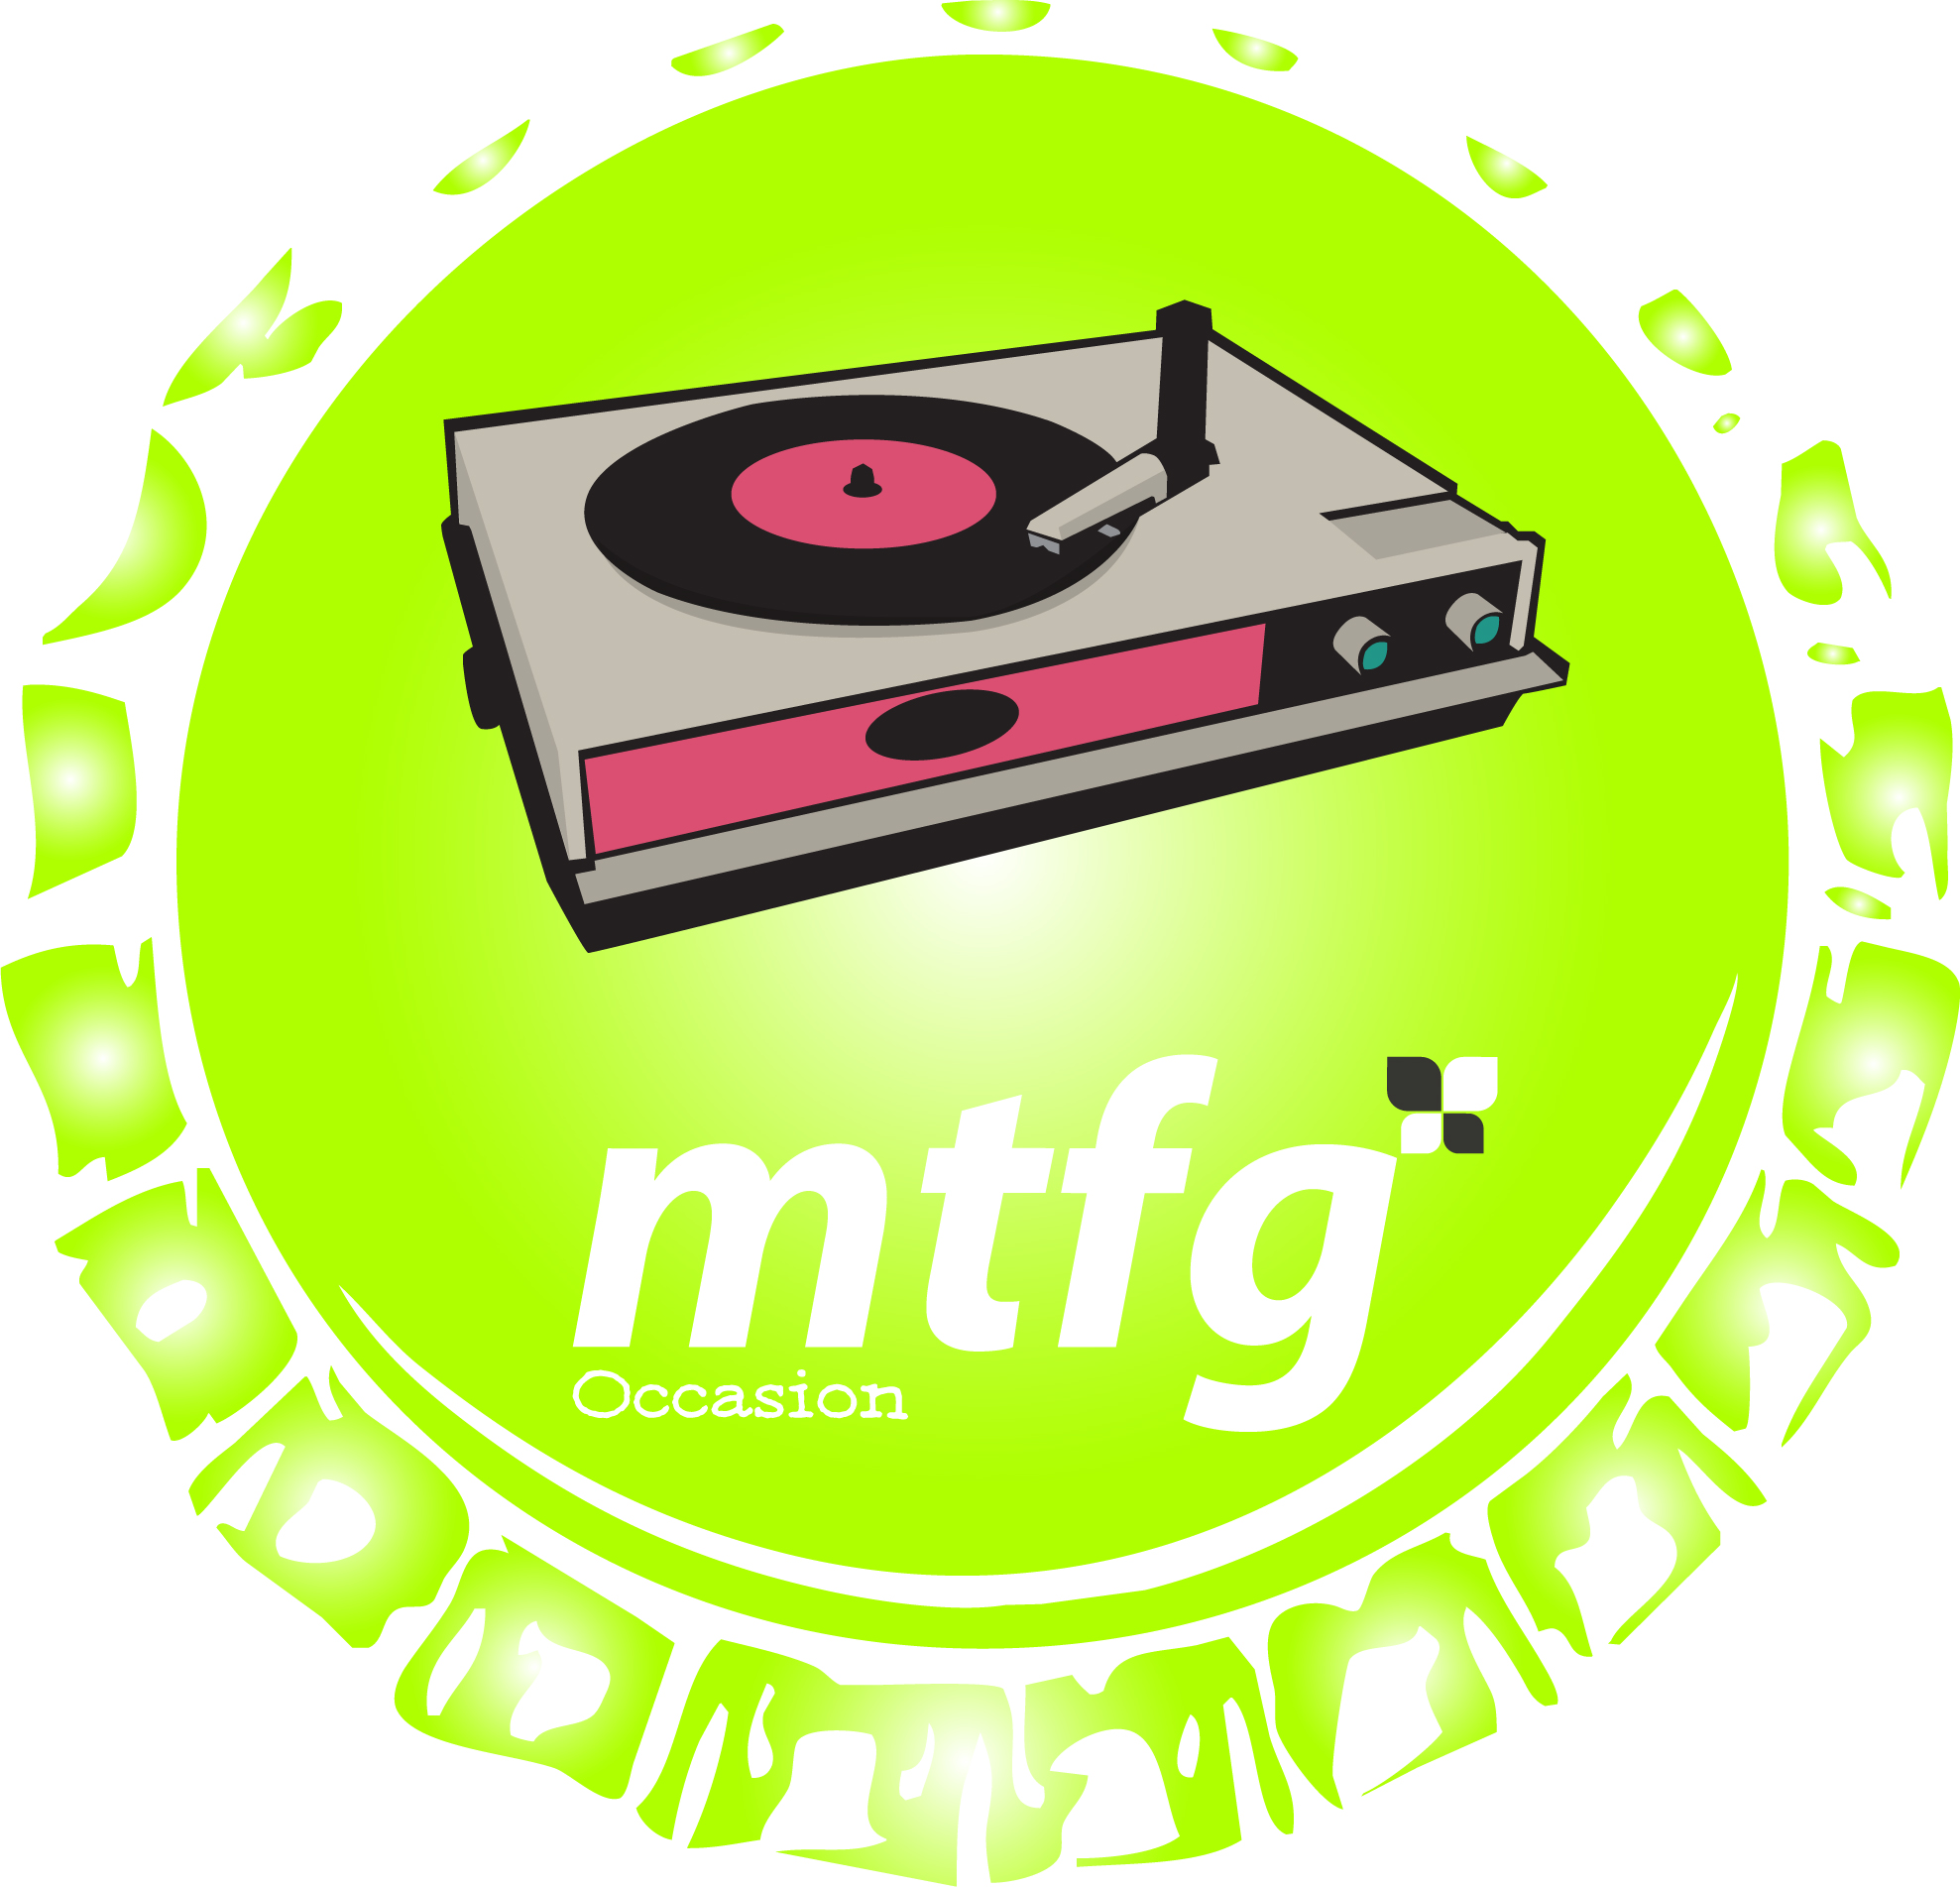 MTFG Occasion